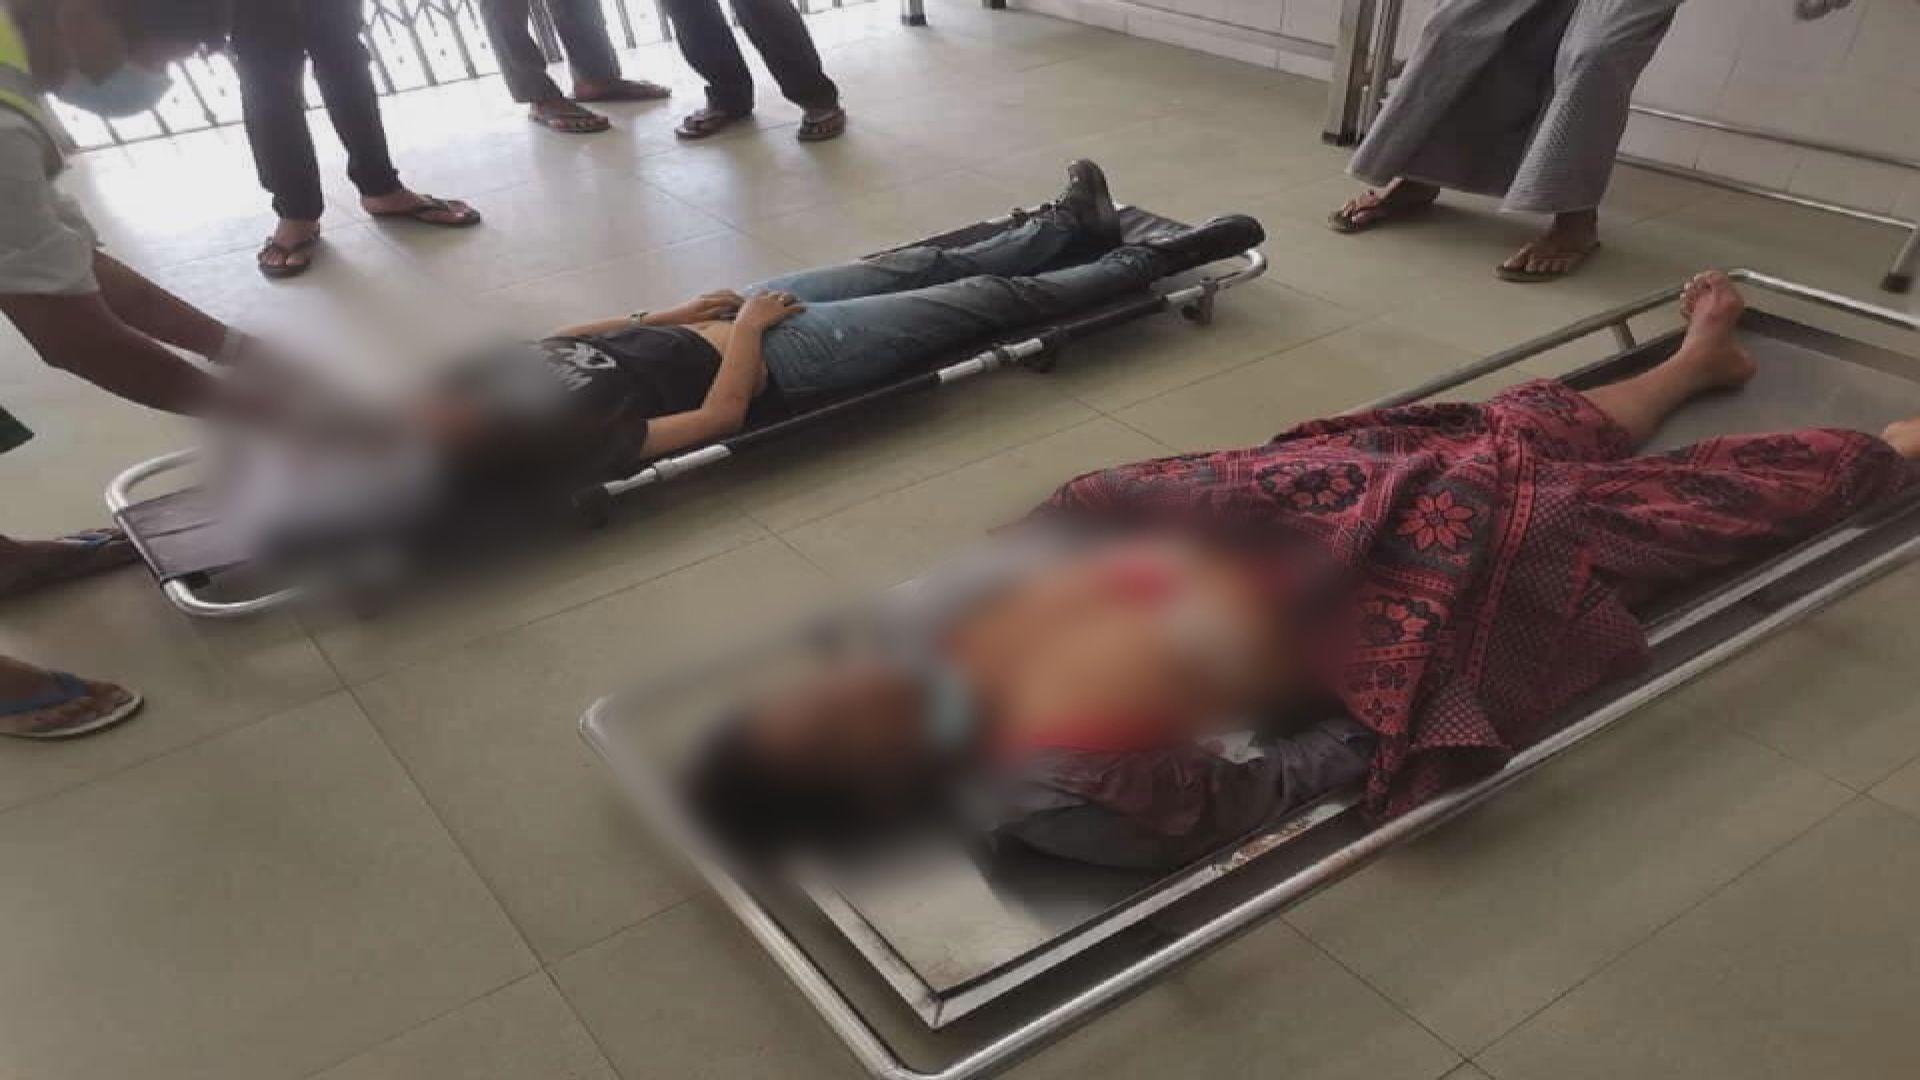 據報軍警再用實彈鎮壓示威 最少9人中槍亡